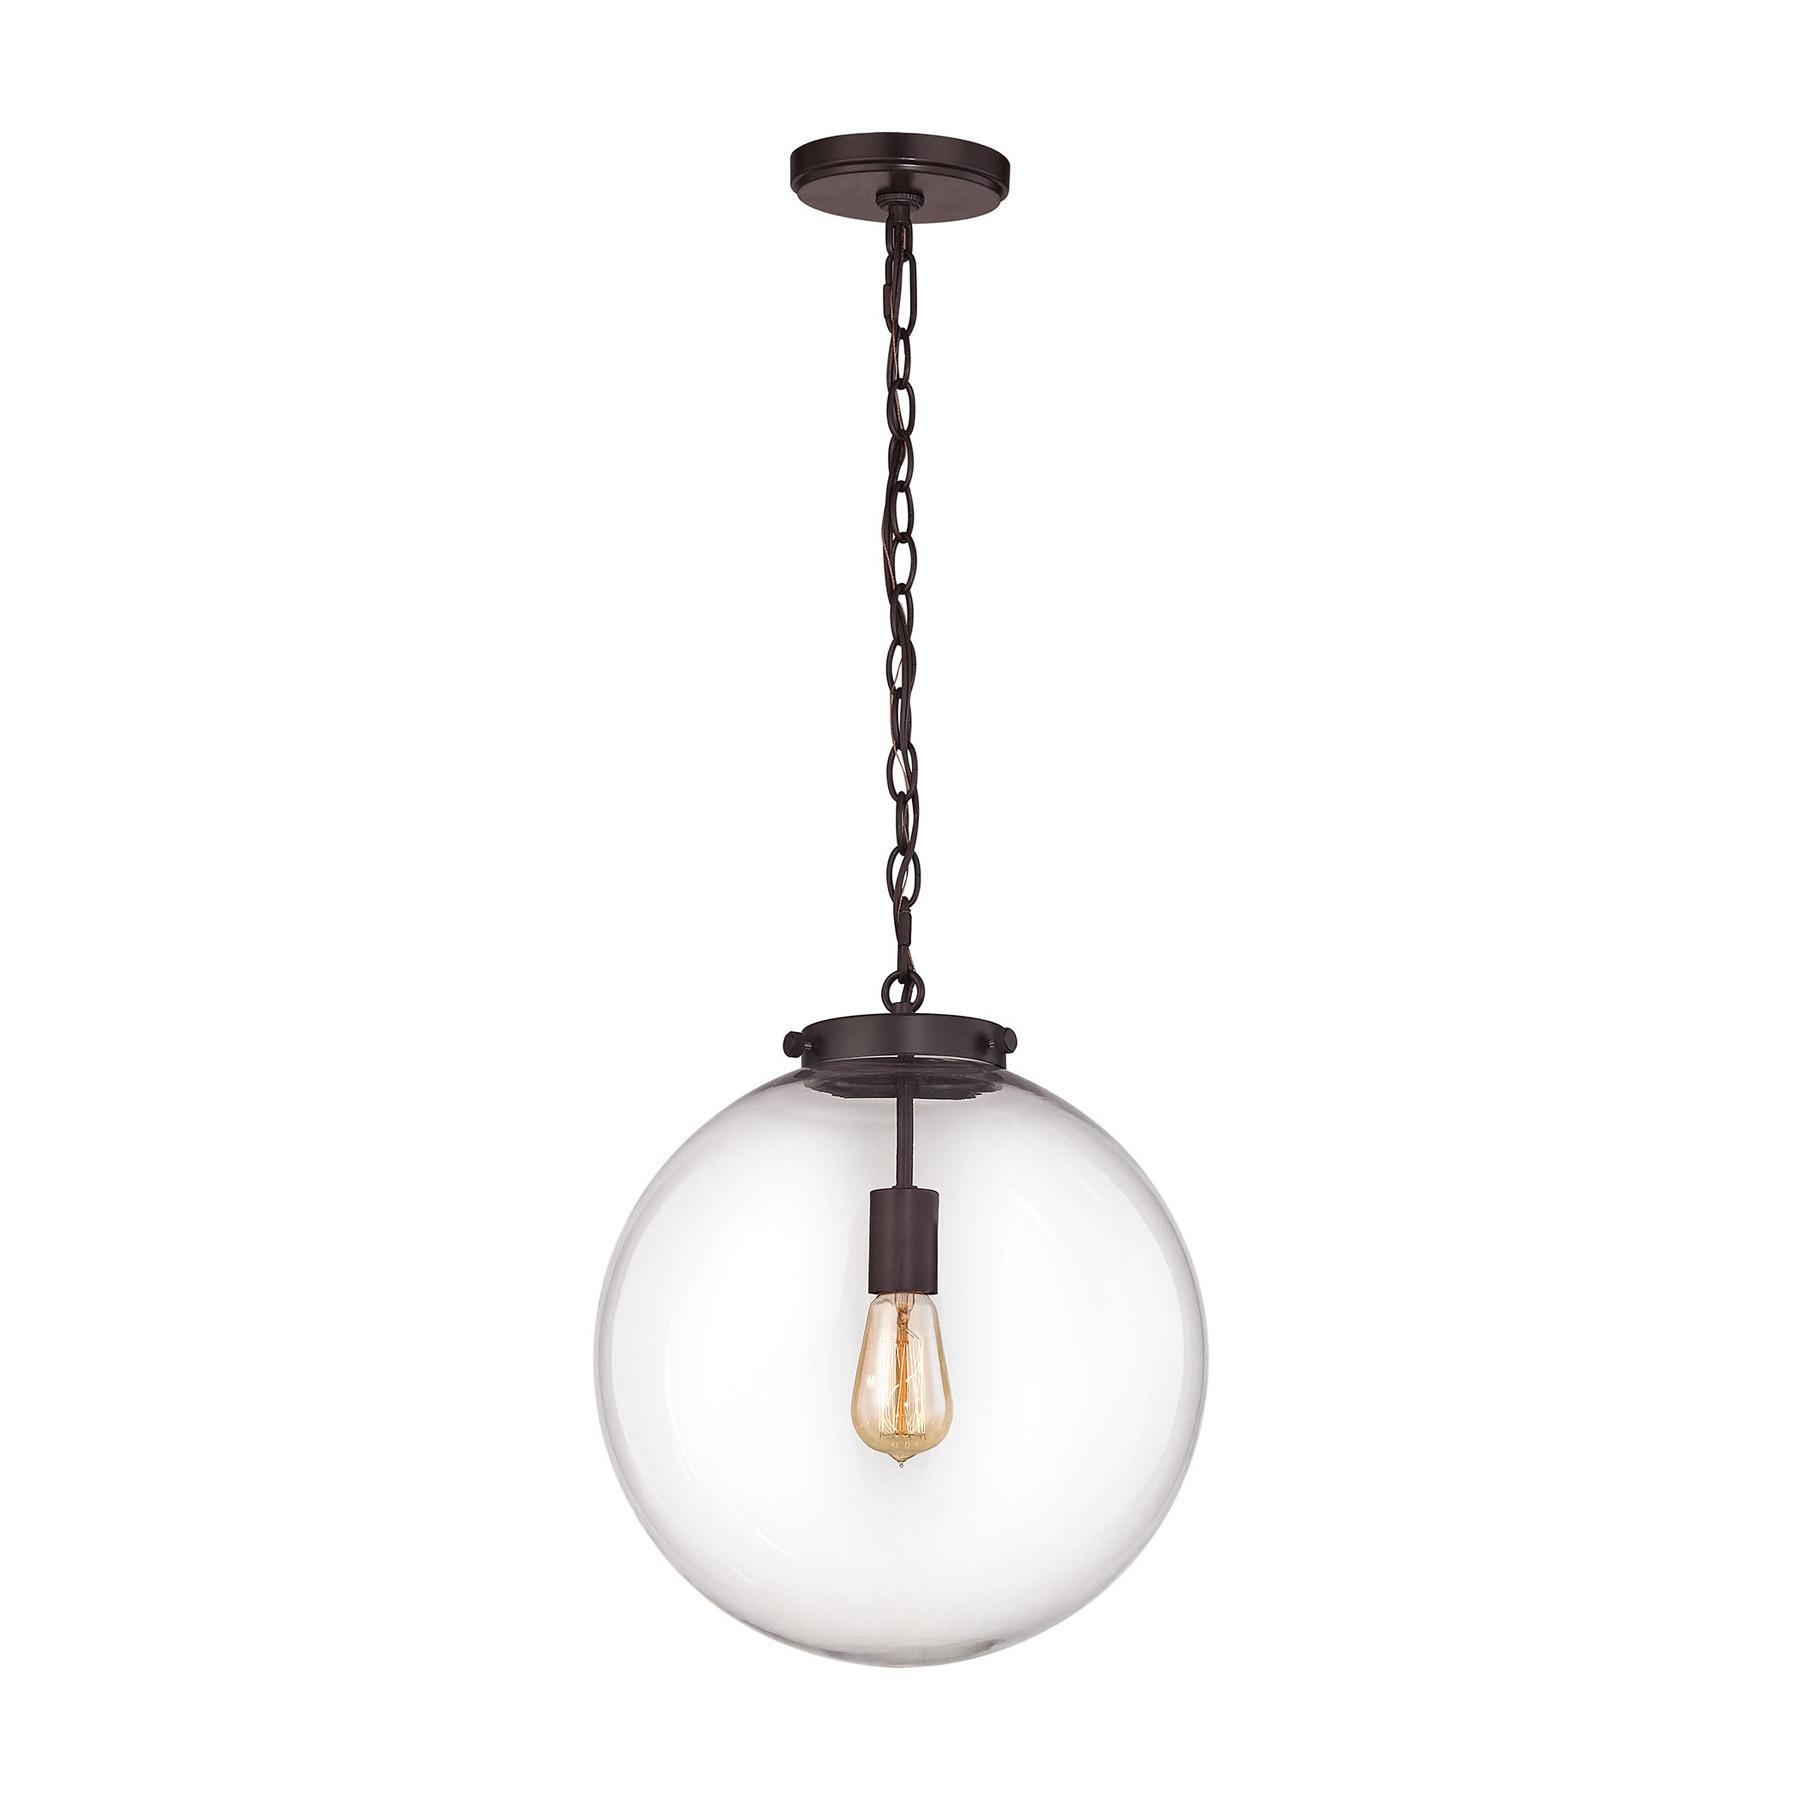 Elk lighting 163731 gramercy 1 light pendant in oil rubbed bronze aloadofball Images